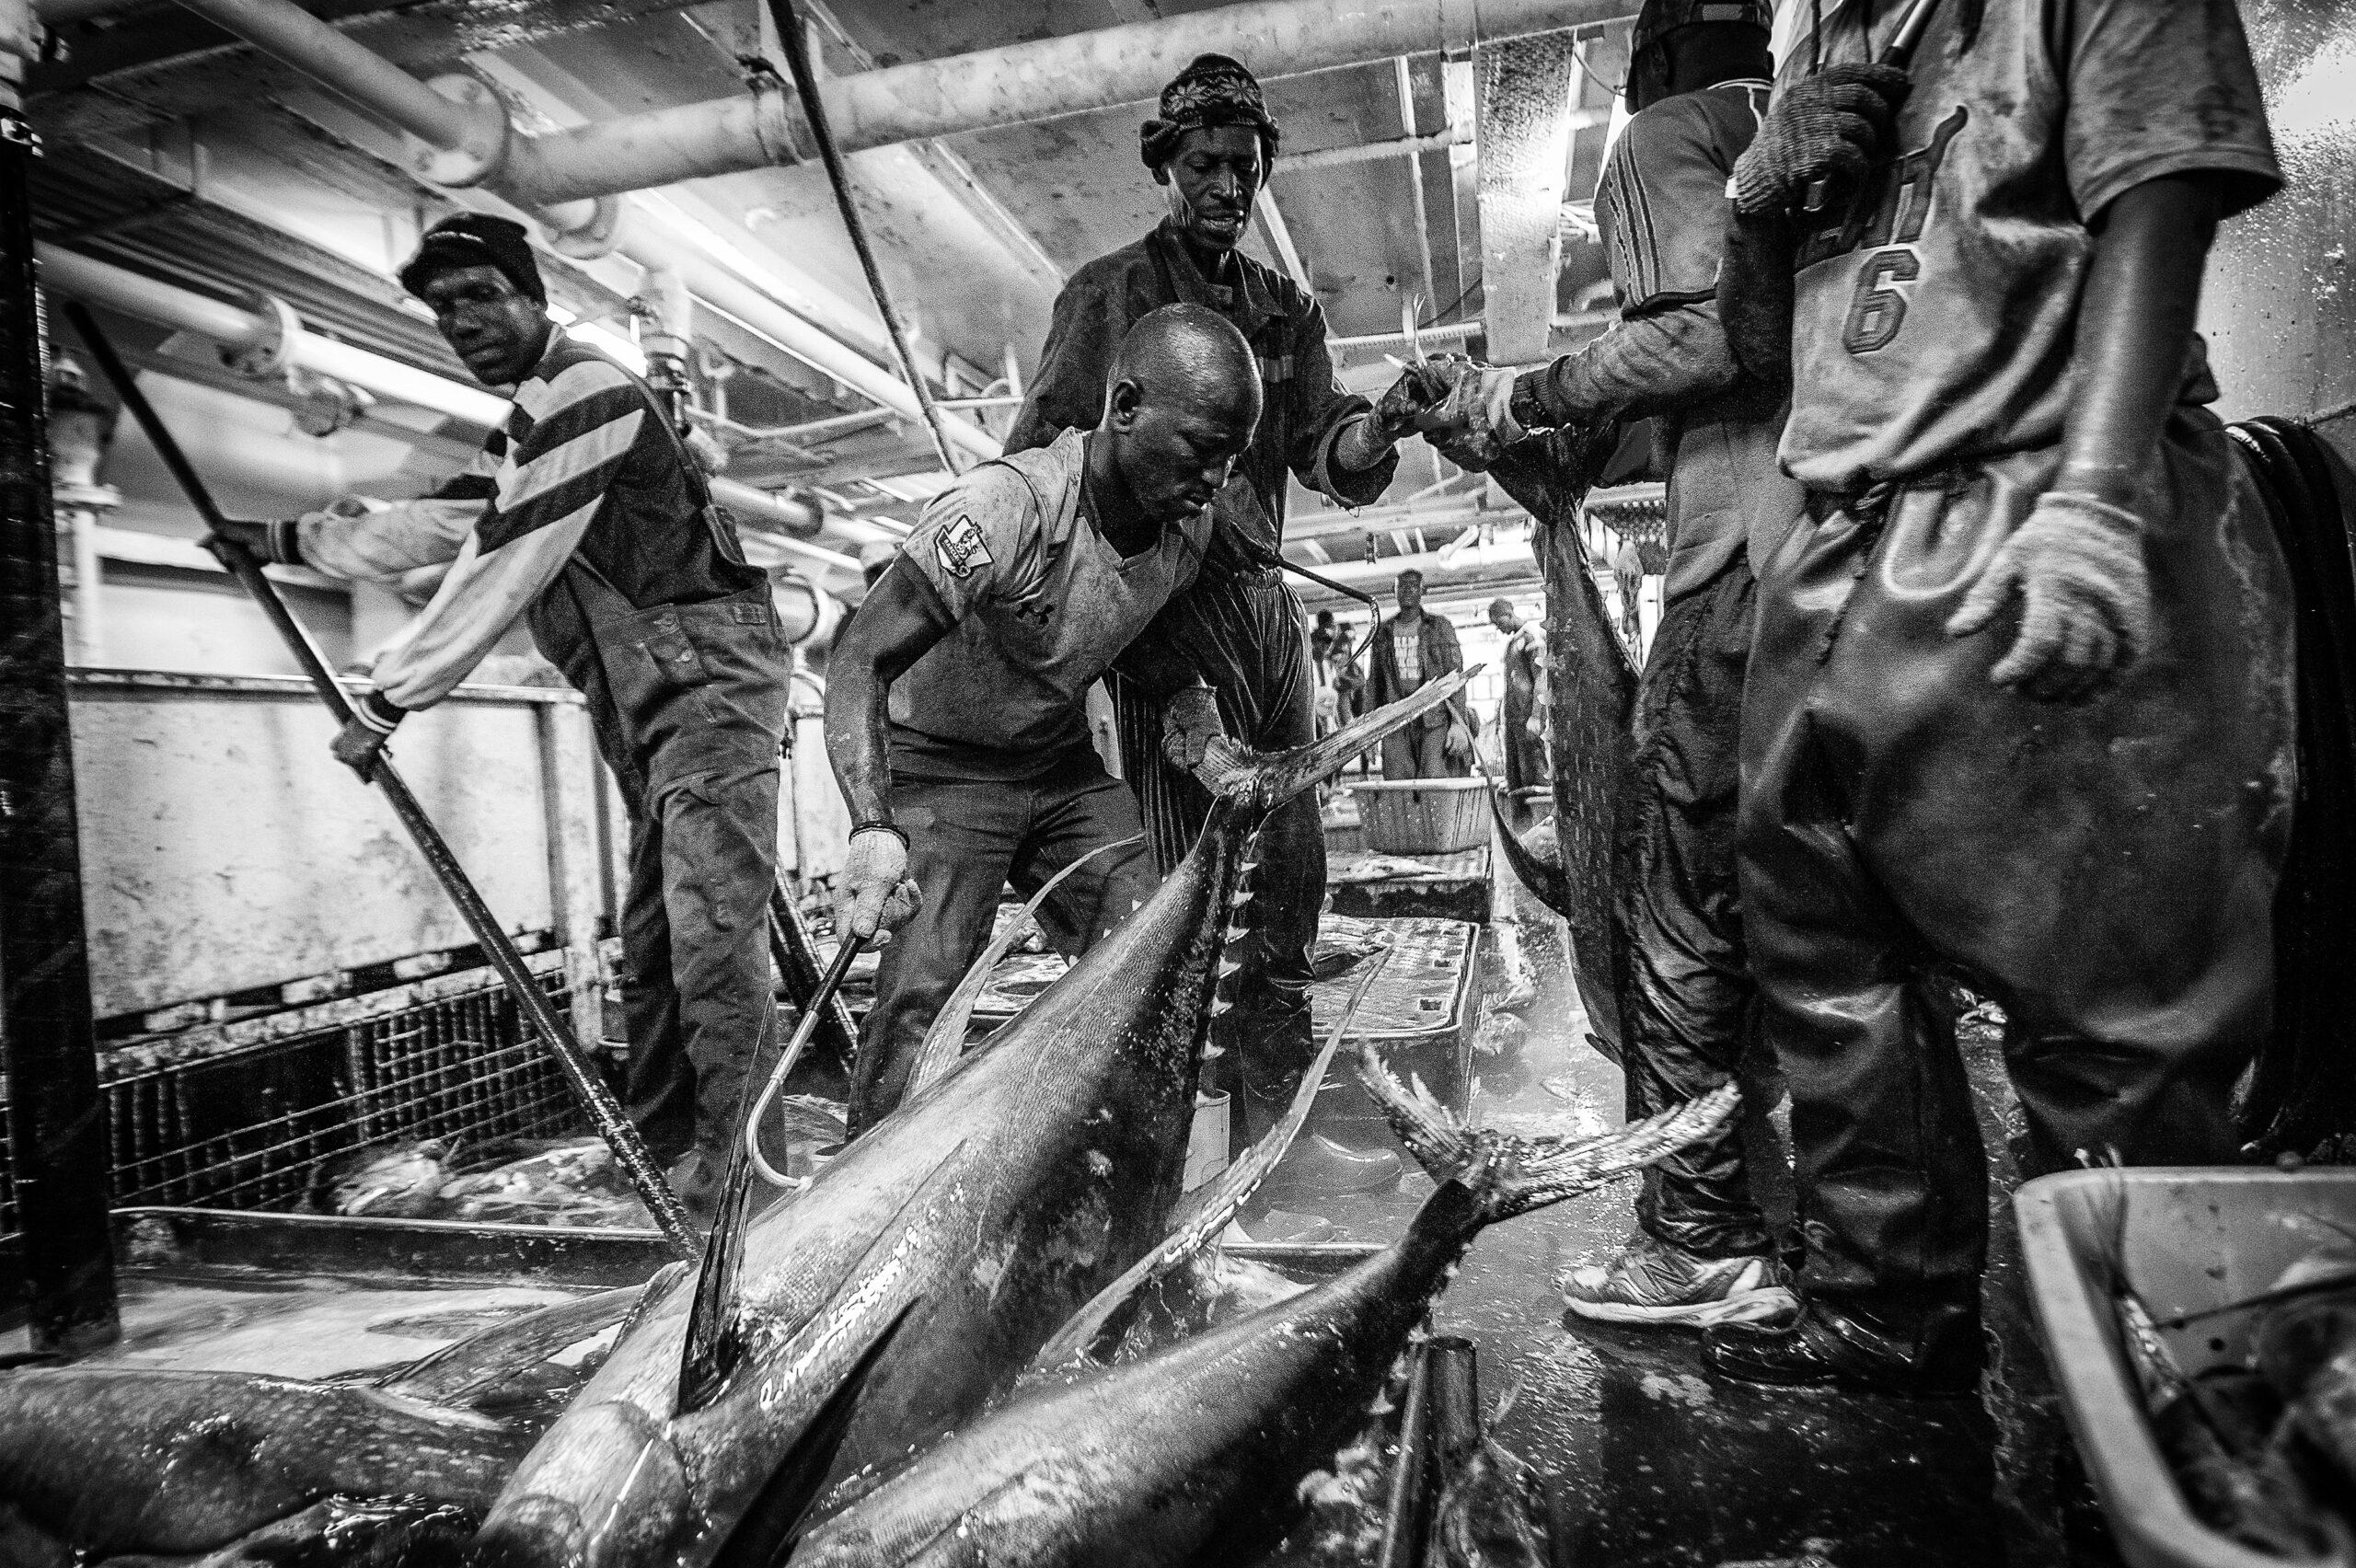 Primer Premio. Categoría: Mejor trabajo en el exterior (Serie). Marineros de nacionalidad senegalesa trabajan en las bodegas de un barco atunero de bandera española que faena en el Océano Atlántico y tiene de base de operaciones el puerto de Dakar en Senegal. España es el segundo productor mundial de conservas de Atún después de Tailandia. Nando Rivero